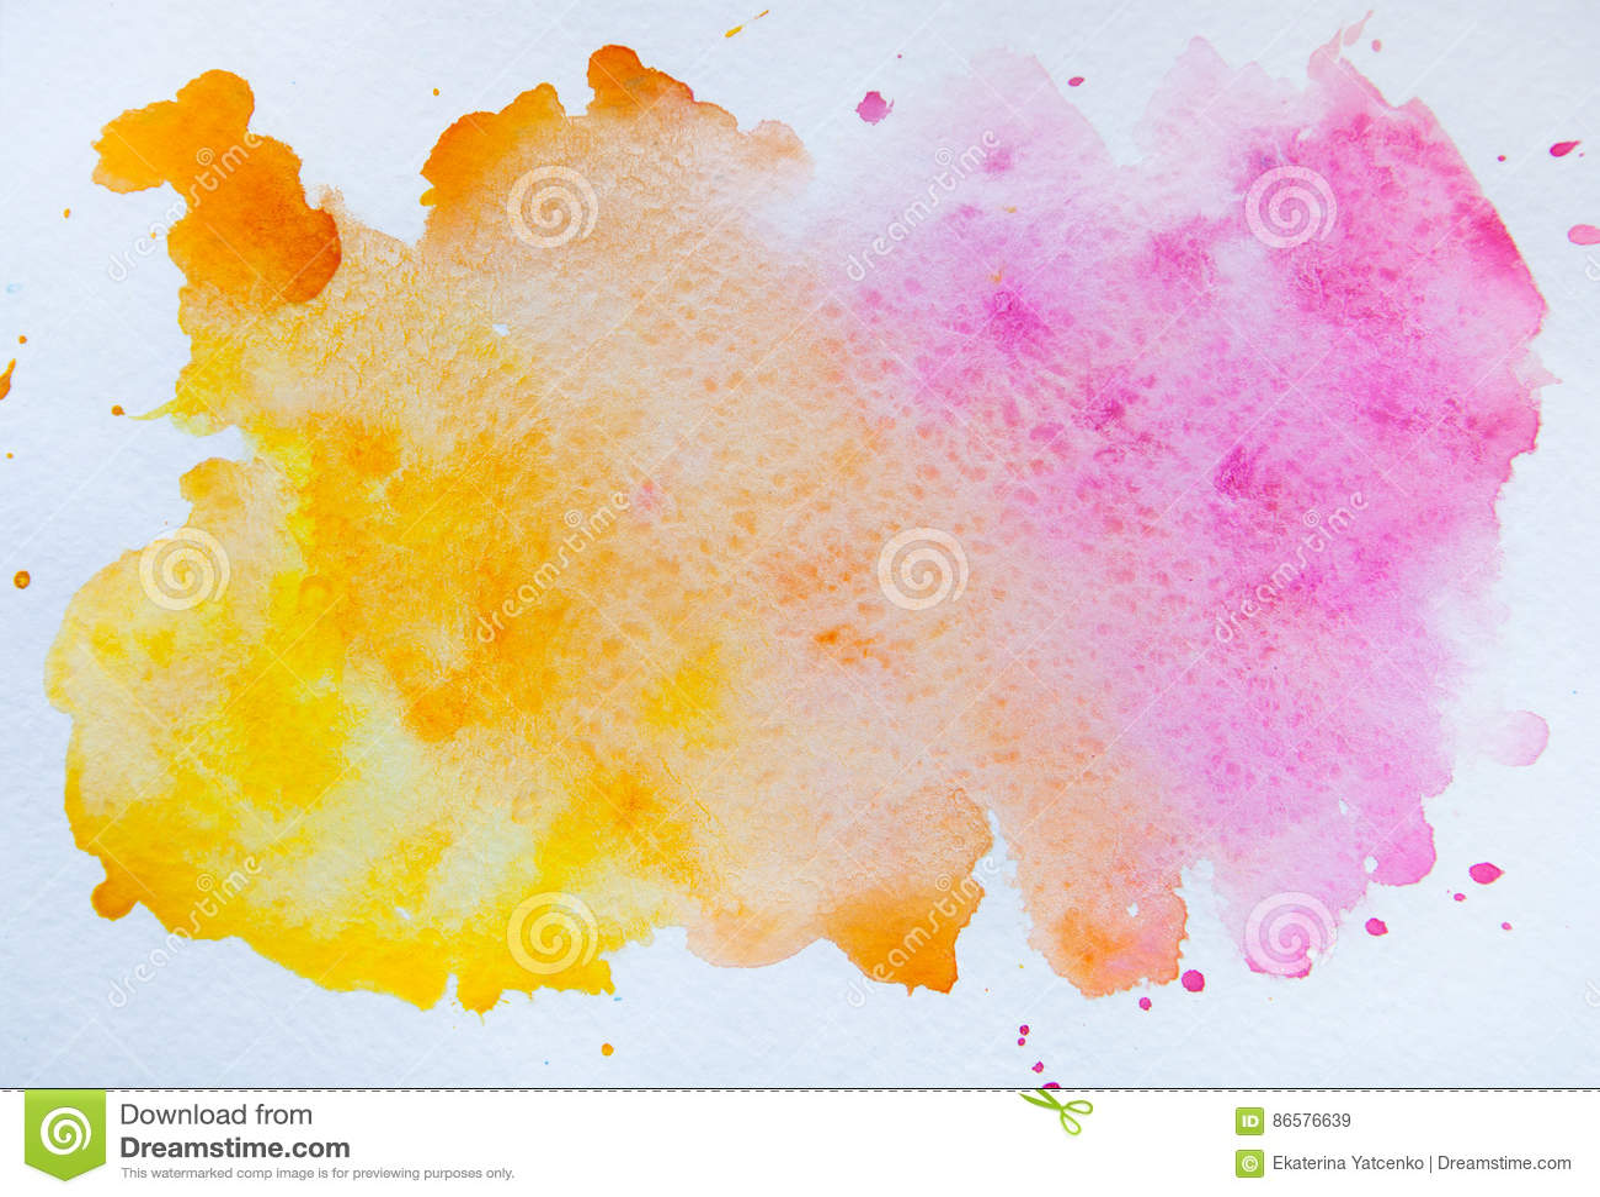 tache d 39 aquarelle d 39 isolement sur le fond blanc wa rose et orange illustration stock. Black Bedroom Furniture Sets. Home Design Ideas